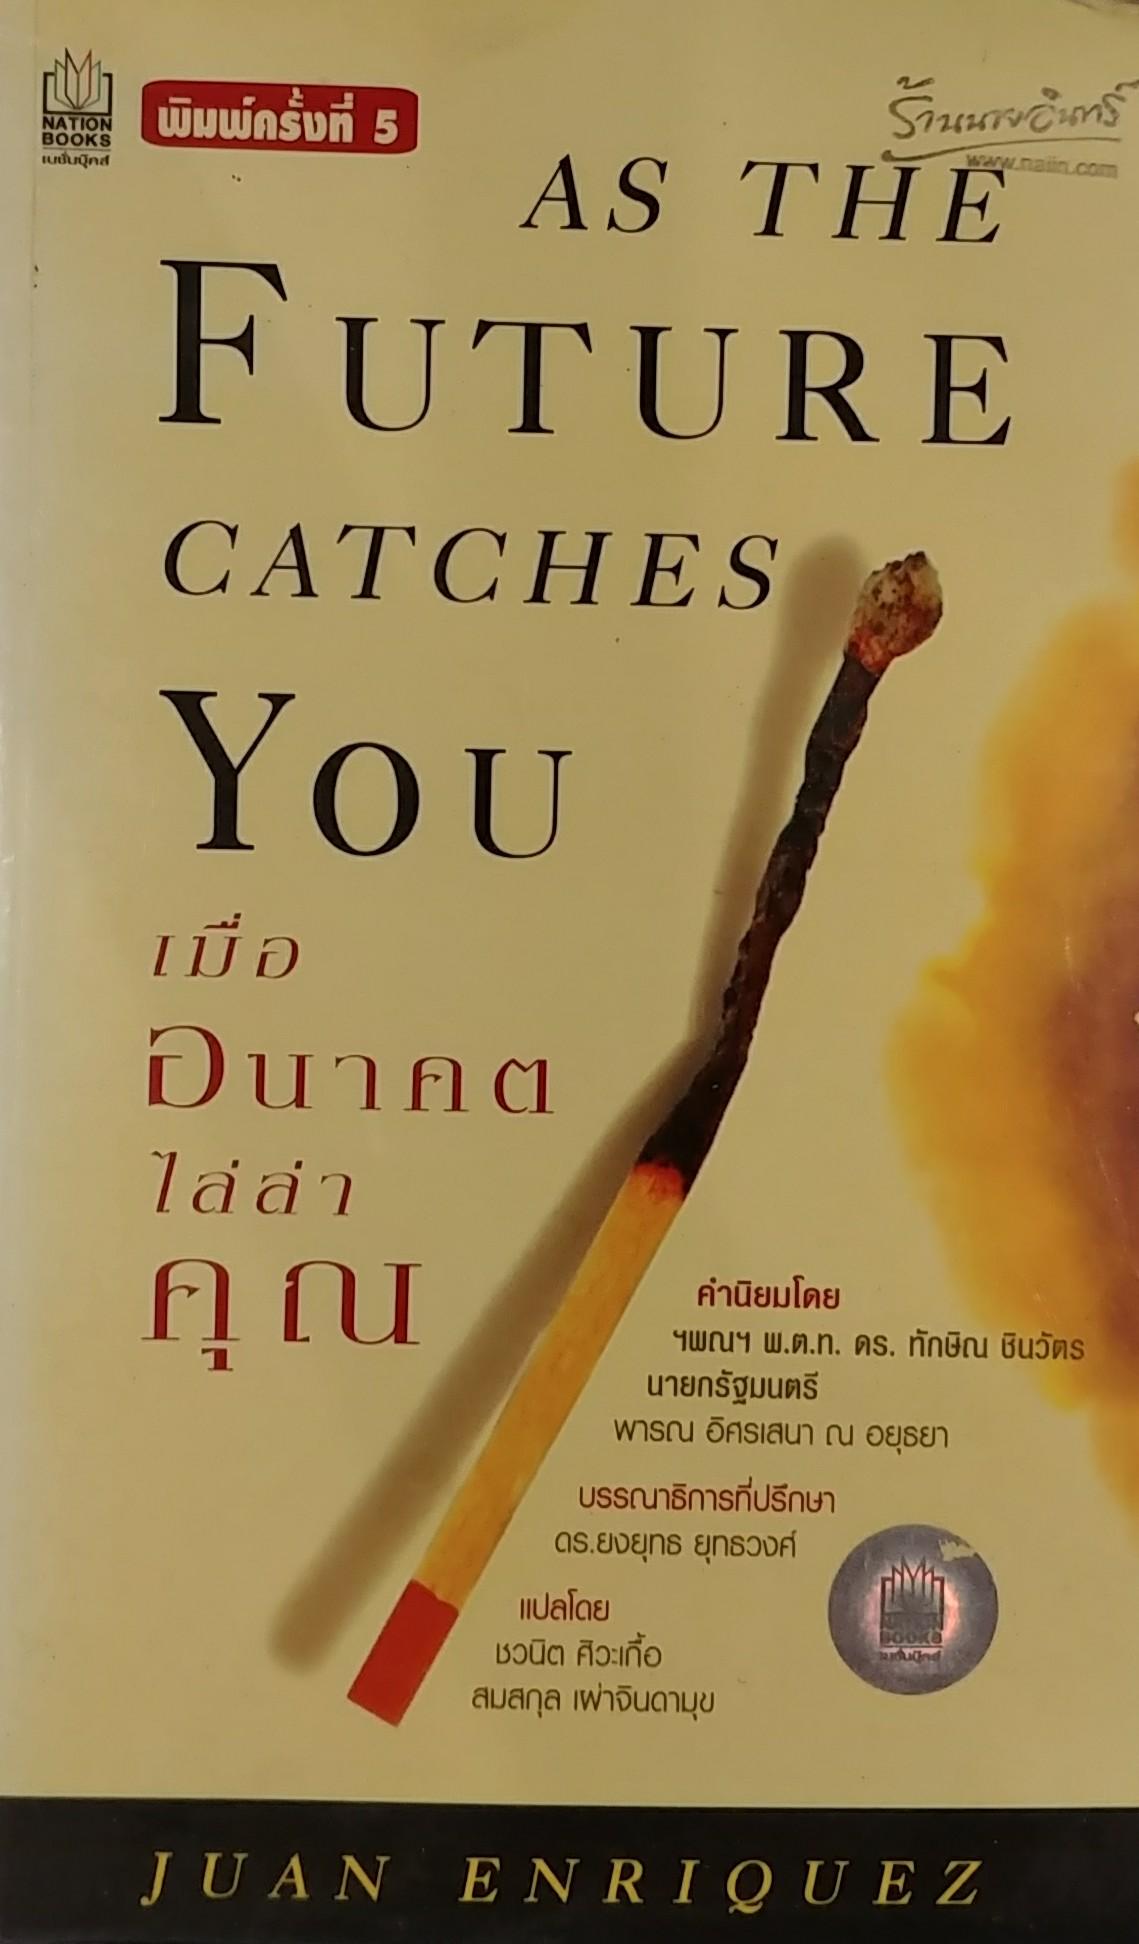 หนังสือแปล เรื่องเมื่ออนาคตไล่ล่าคุณ ราคาปก 295 ราคาขาย 200 บาทรวมส่งลงทะเบียน